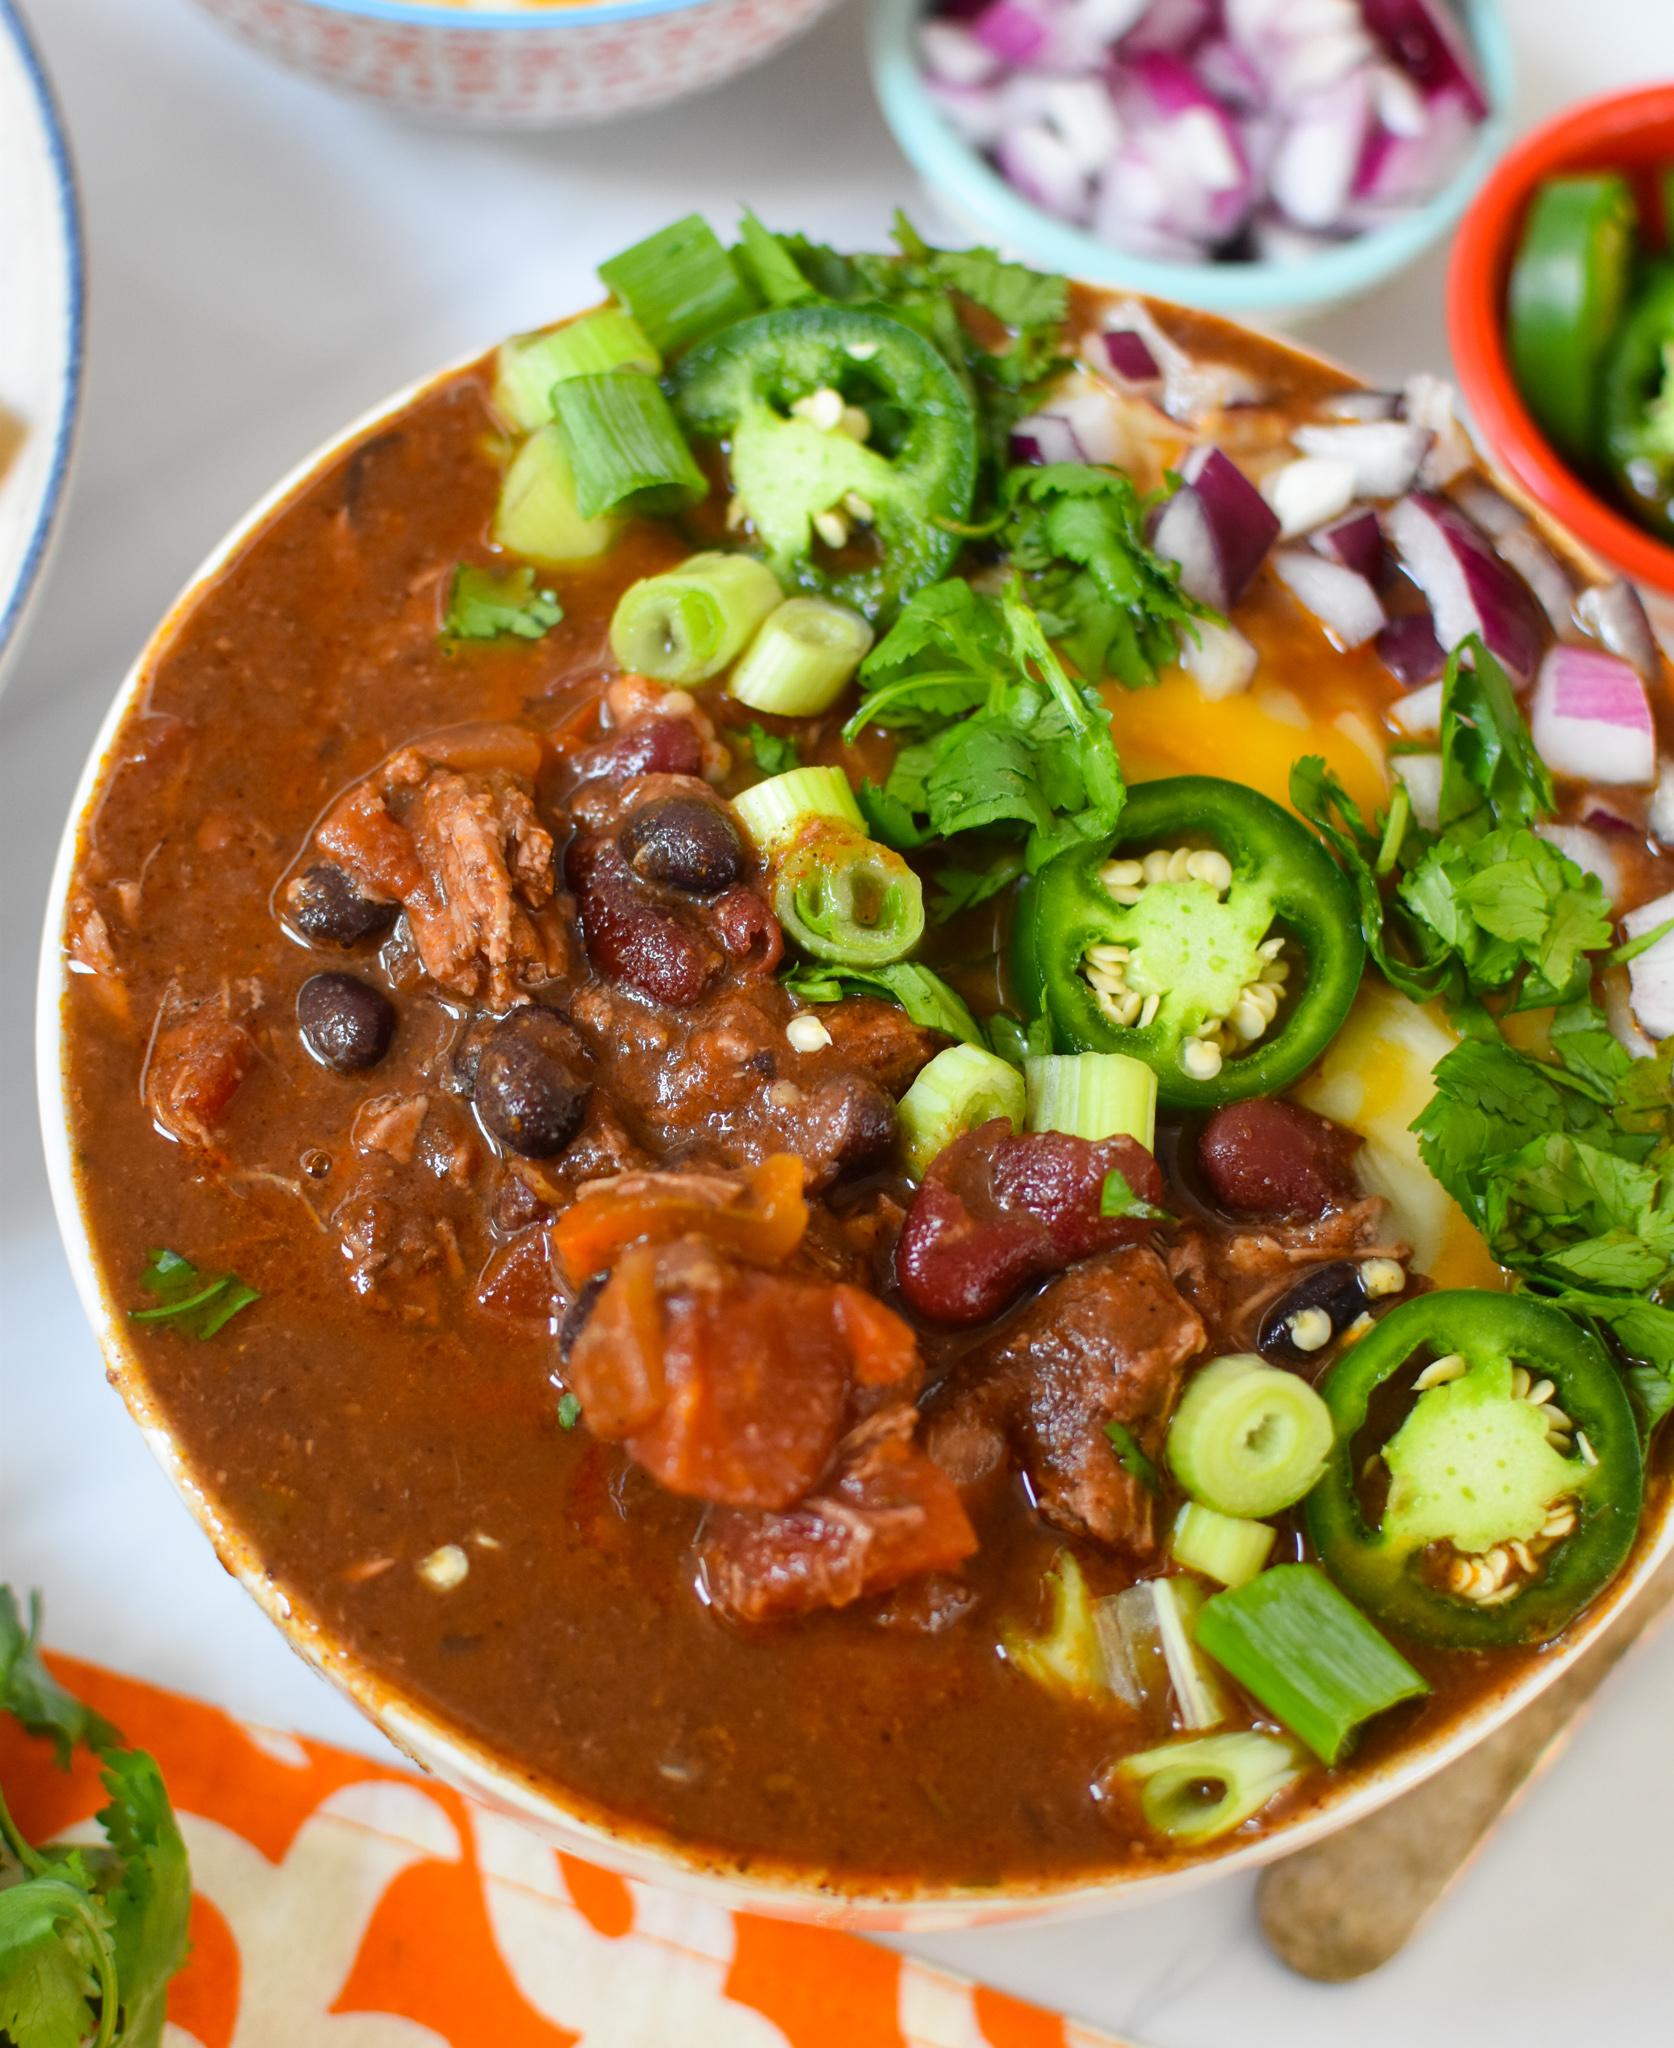 Chili Con Carne with cilantro.